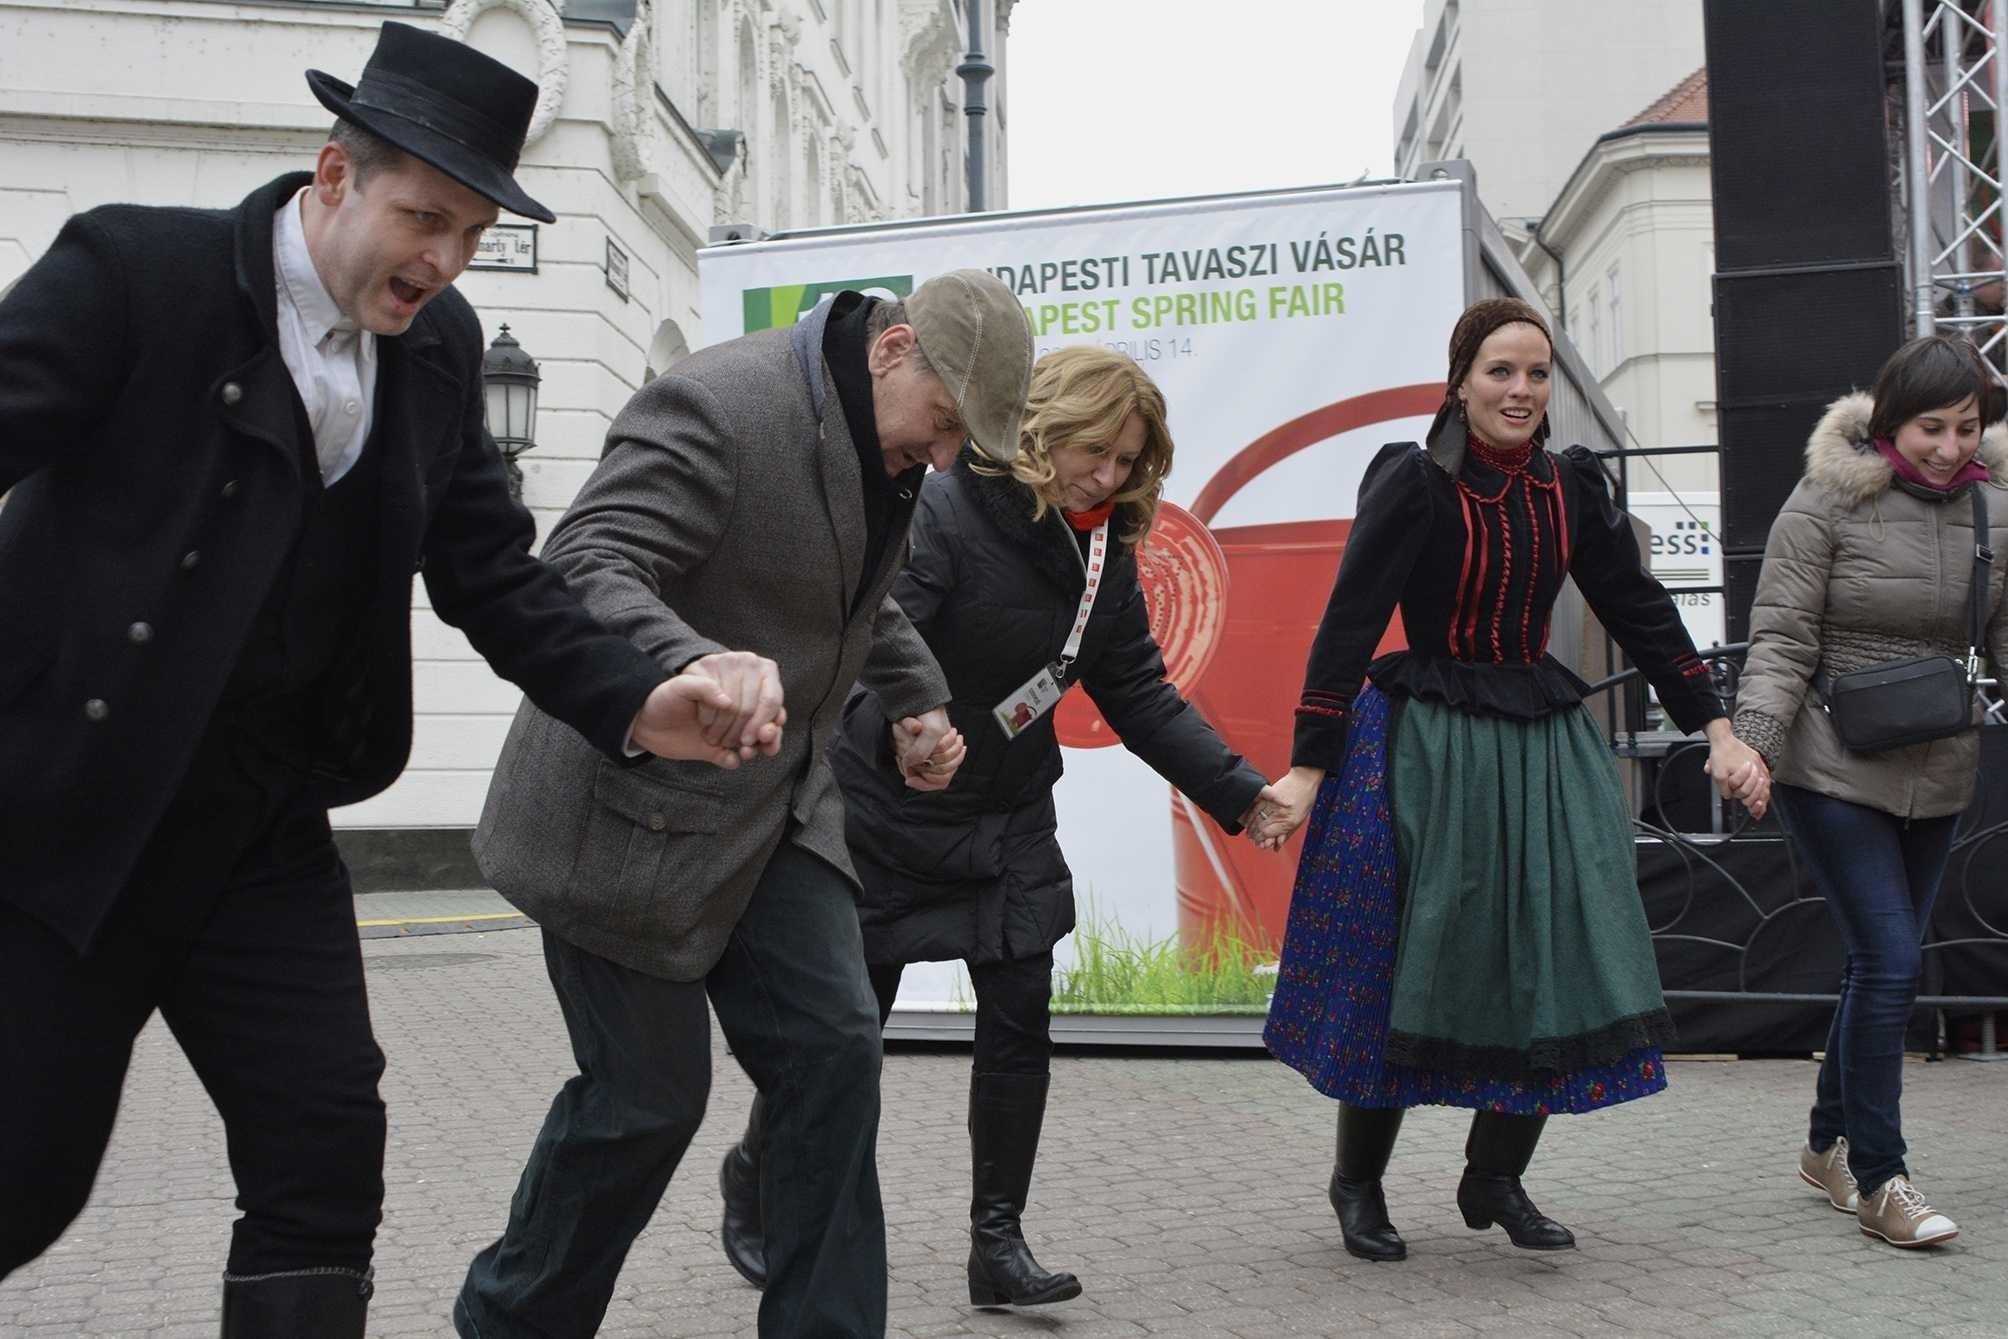 Közel száz produkciót és 83 kiállítót vonultat fel a Budapesti Tavaszi Vásár